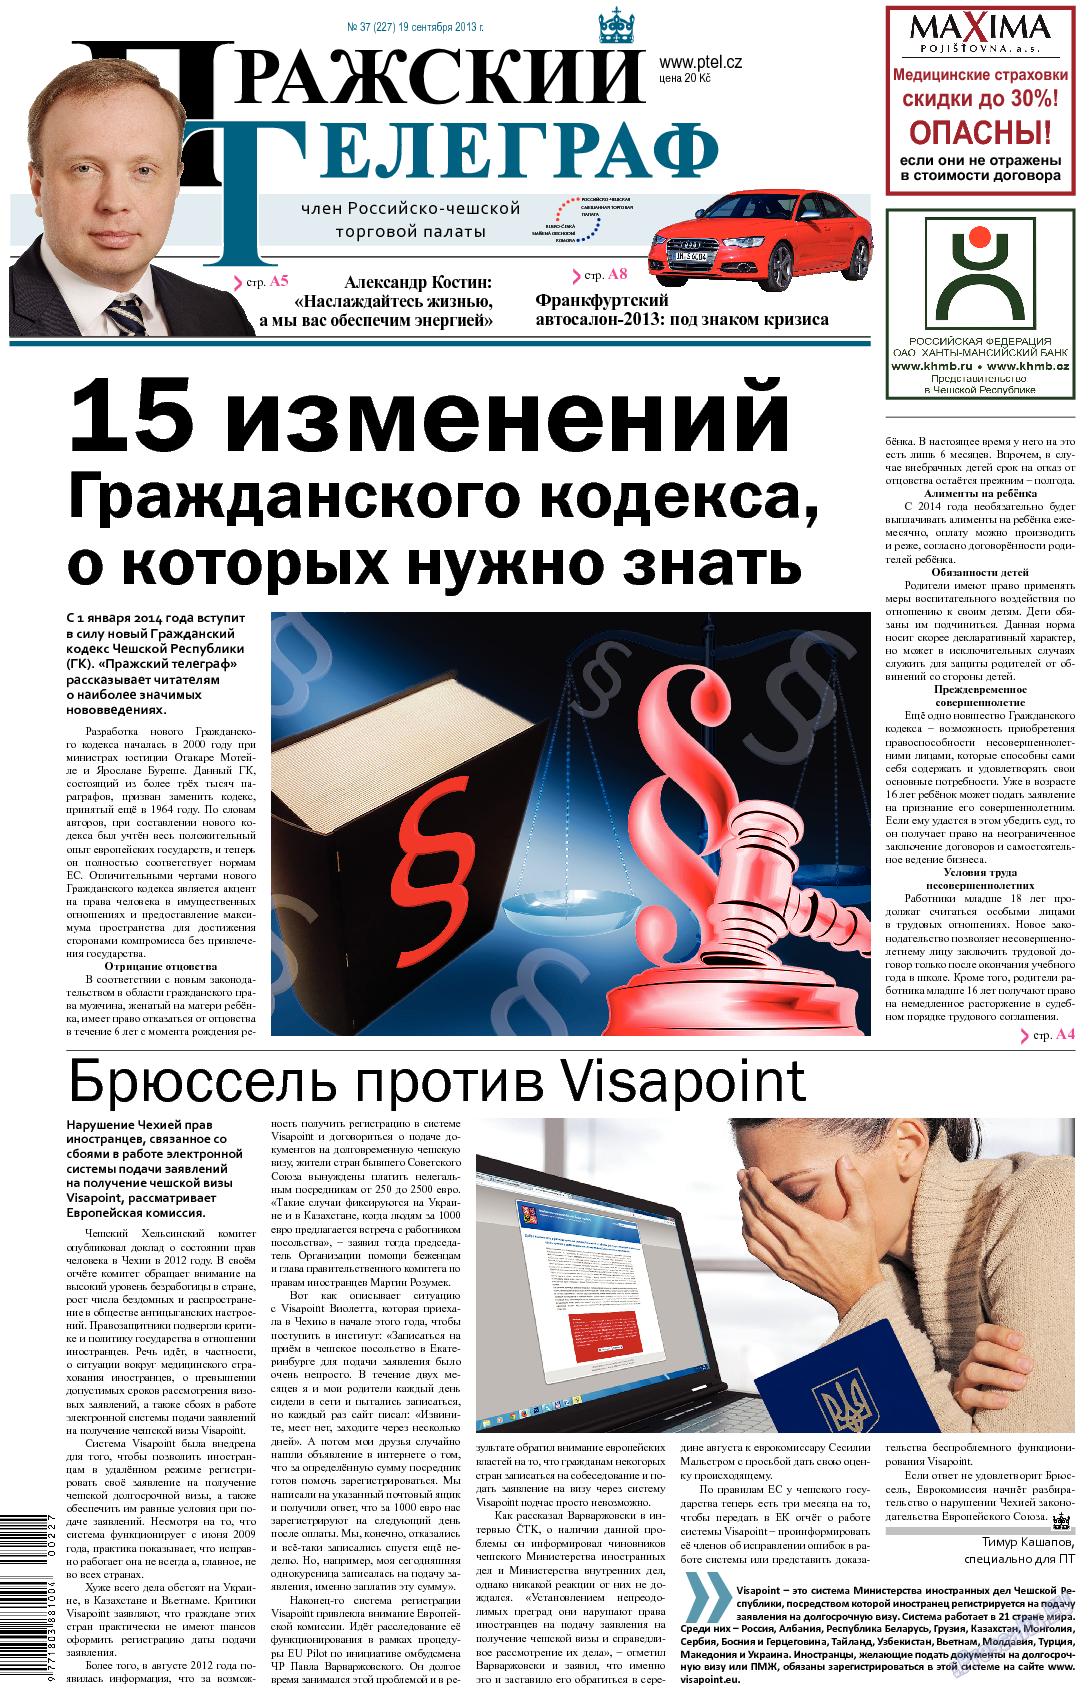 Пражский телеграф (газета). 2013 год, номер 37, стр. 1